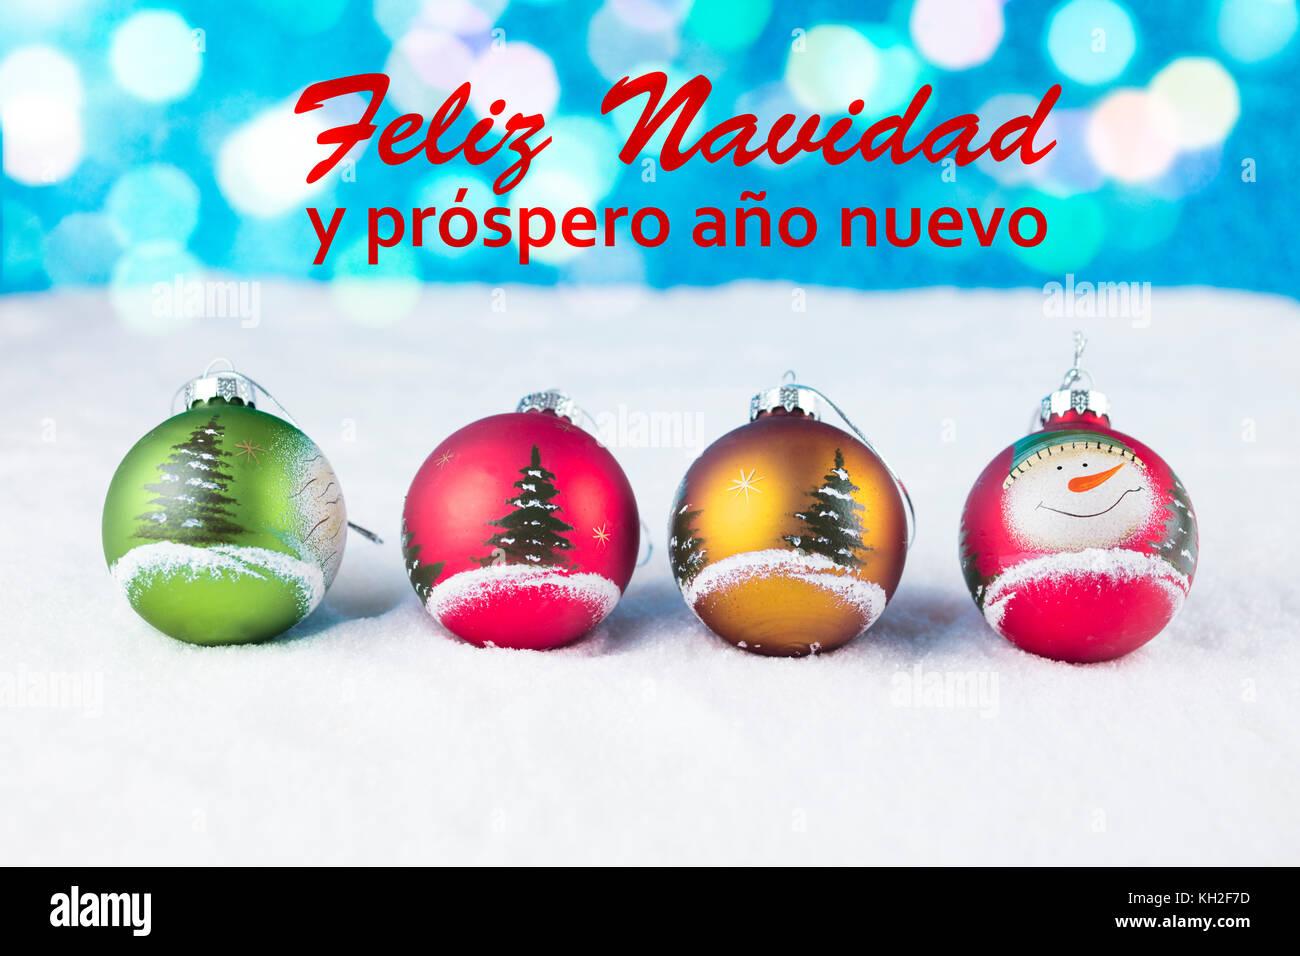 Feliz Año Nuevo Stock Photos & Feliz Año Nuevo Stock ...